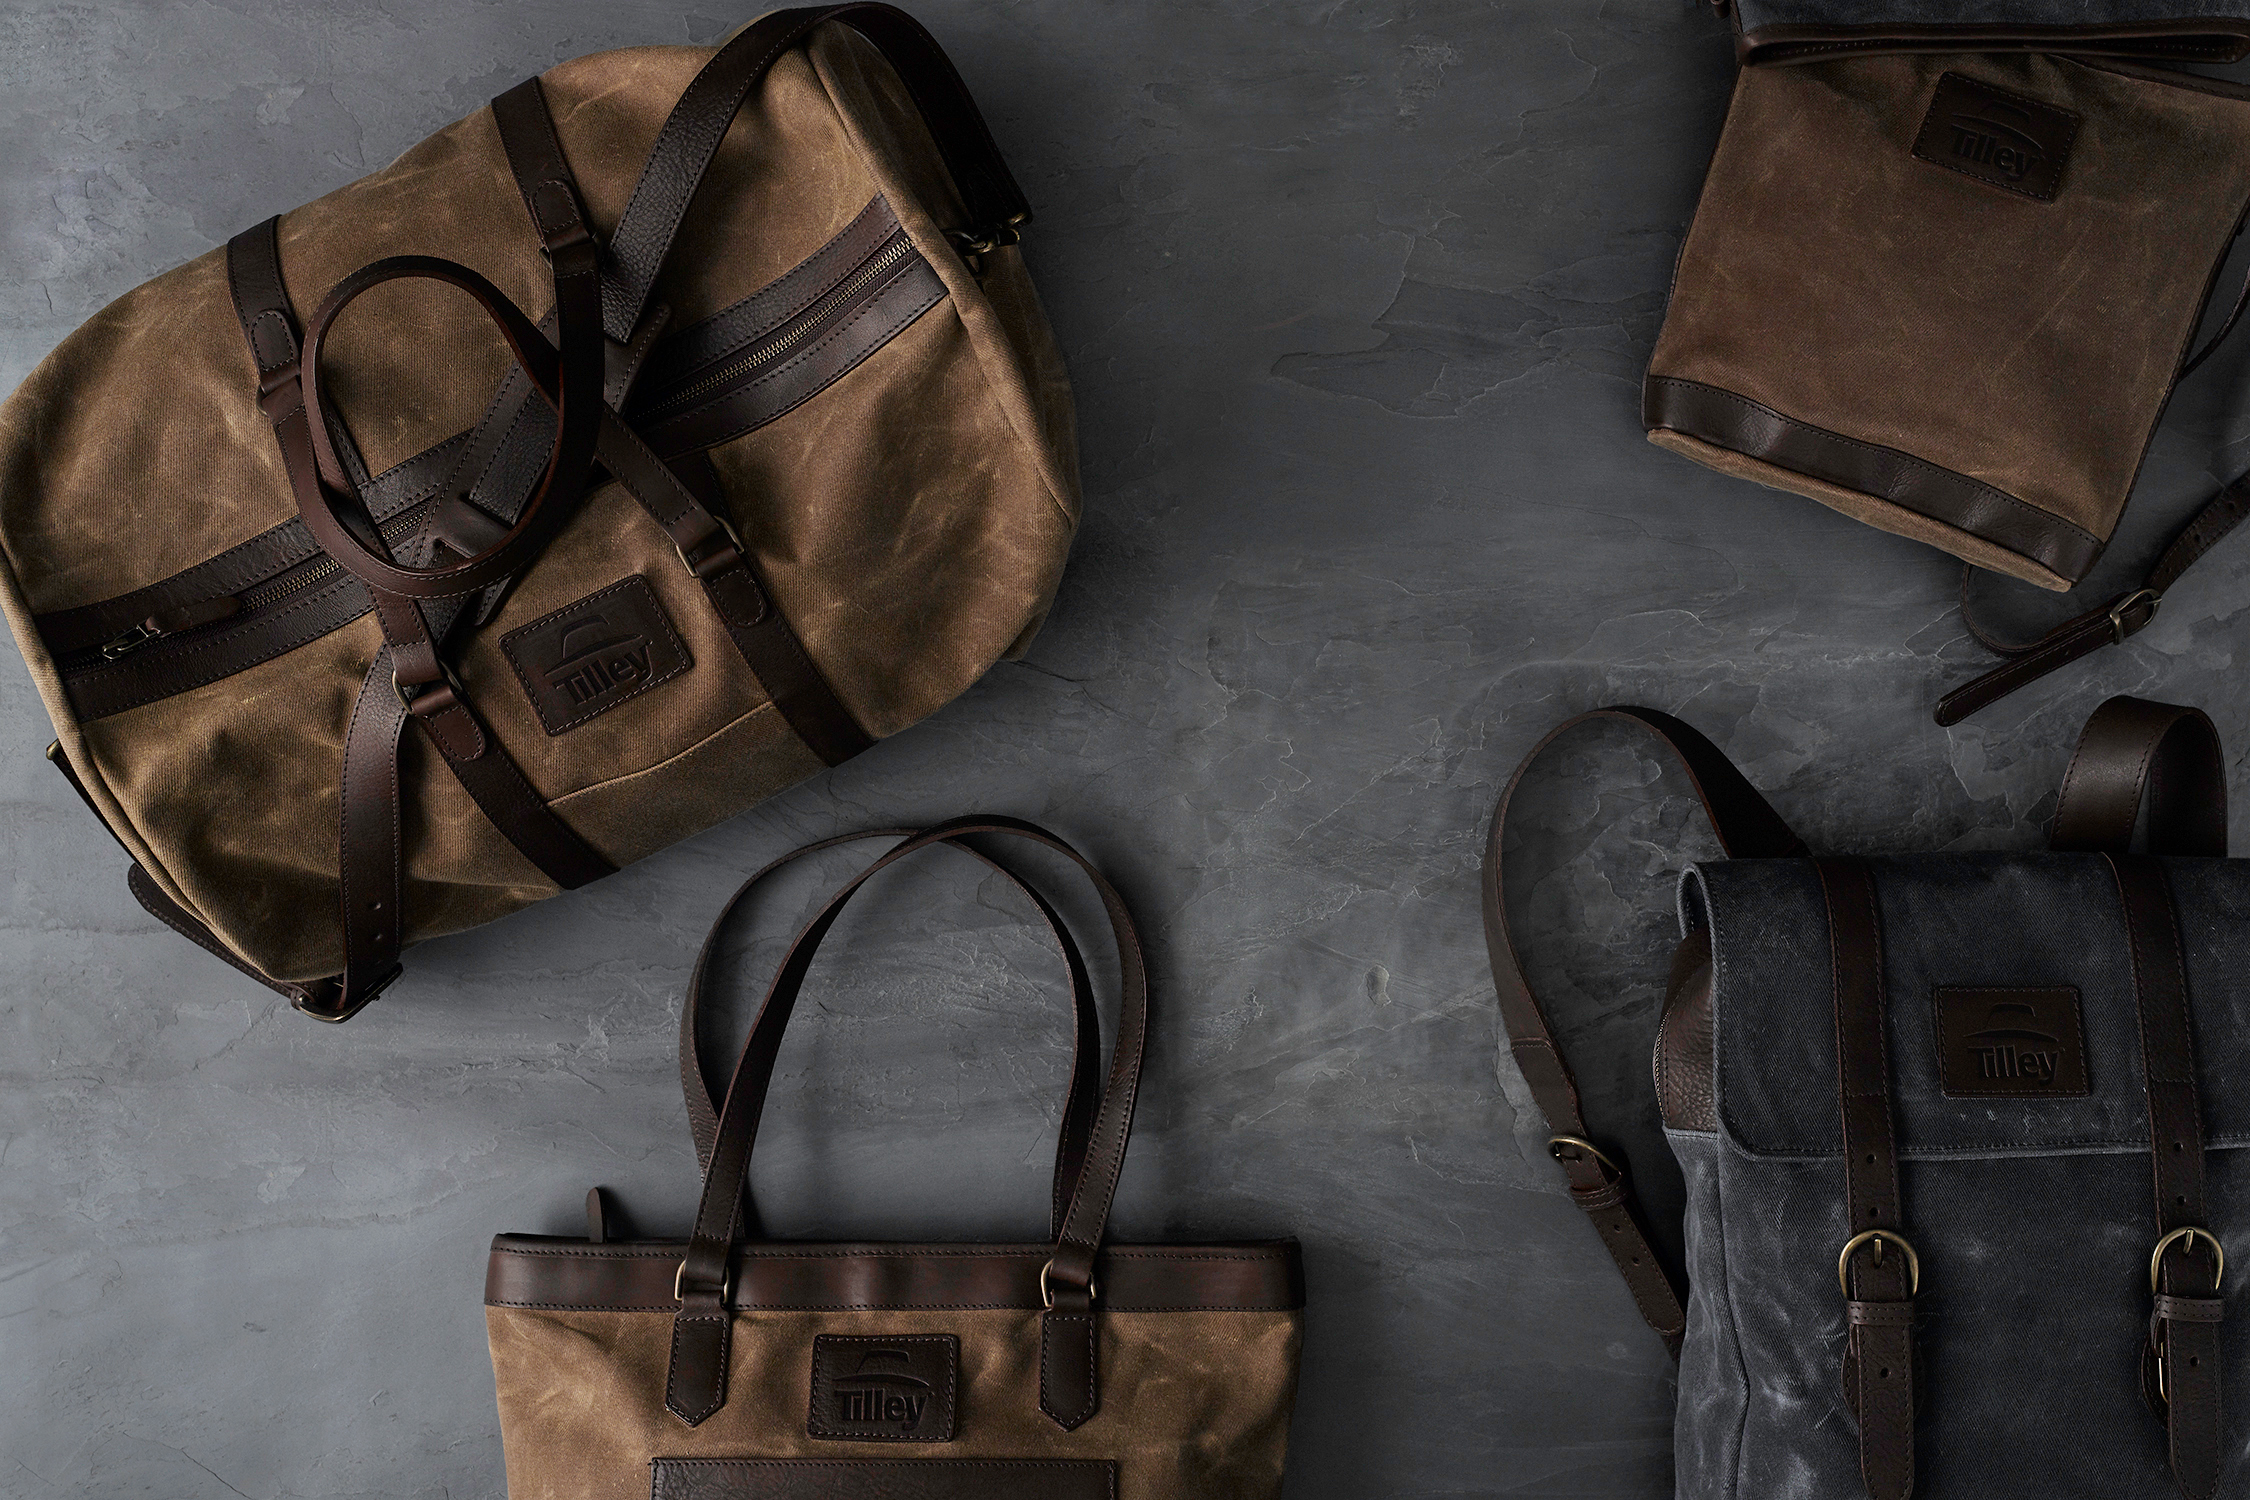 Bags2.jpg